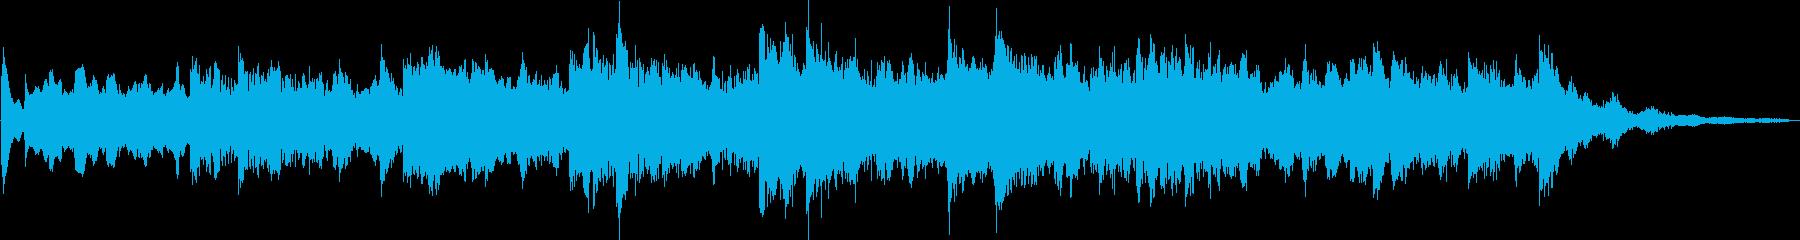 穏やかで温かいオルゴール風ジングルの再生済みの波形